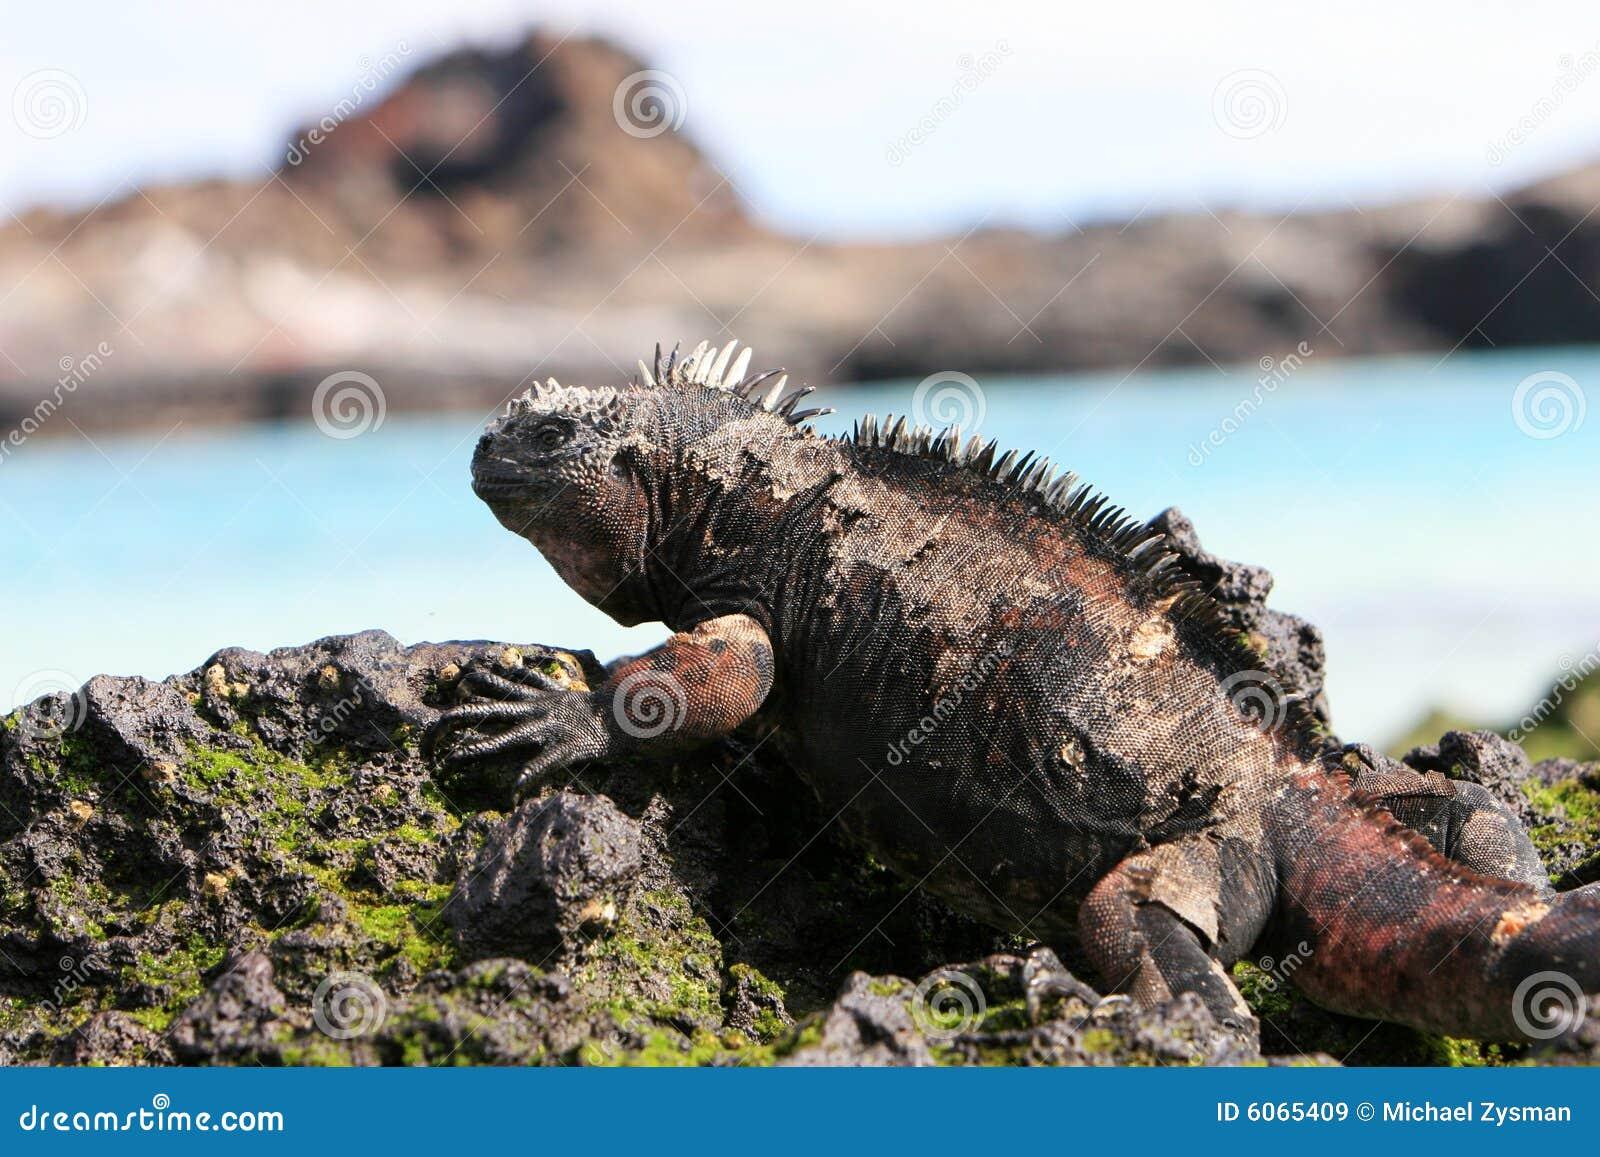 Iguany galapagos marine